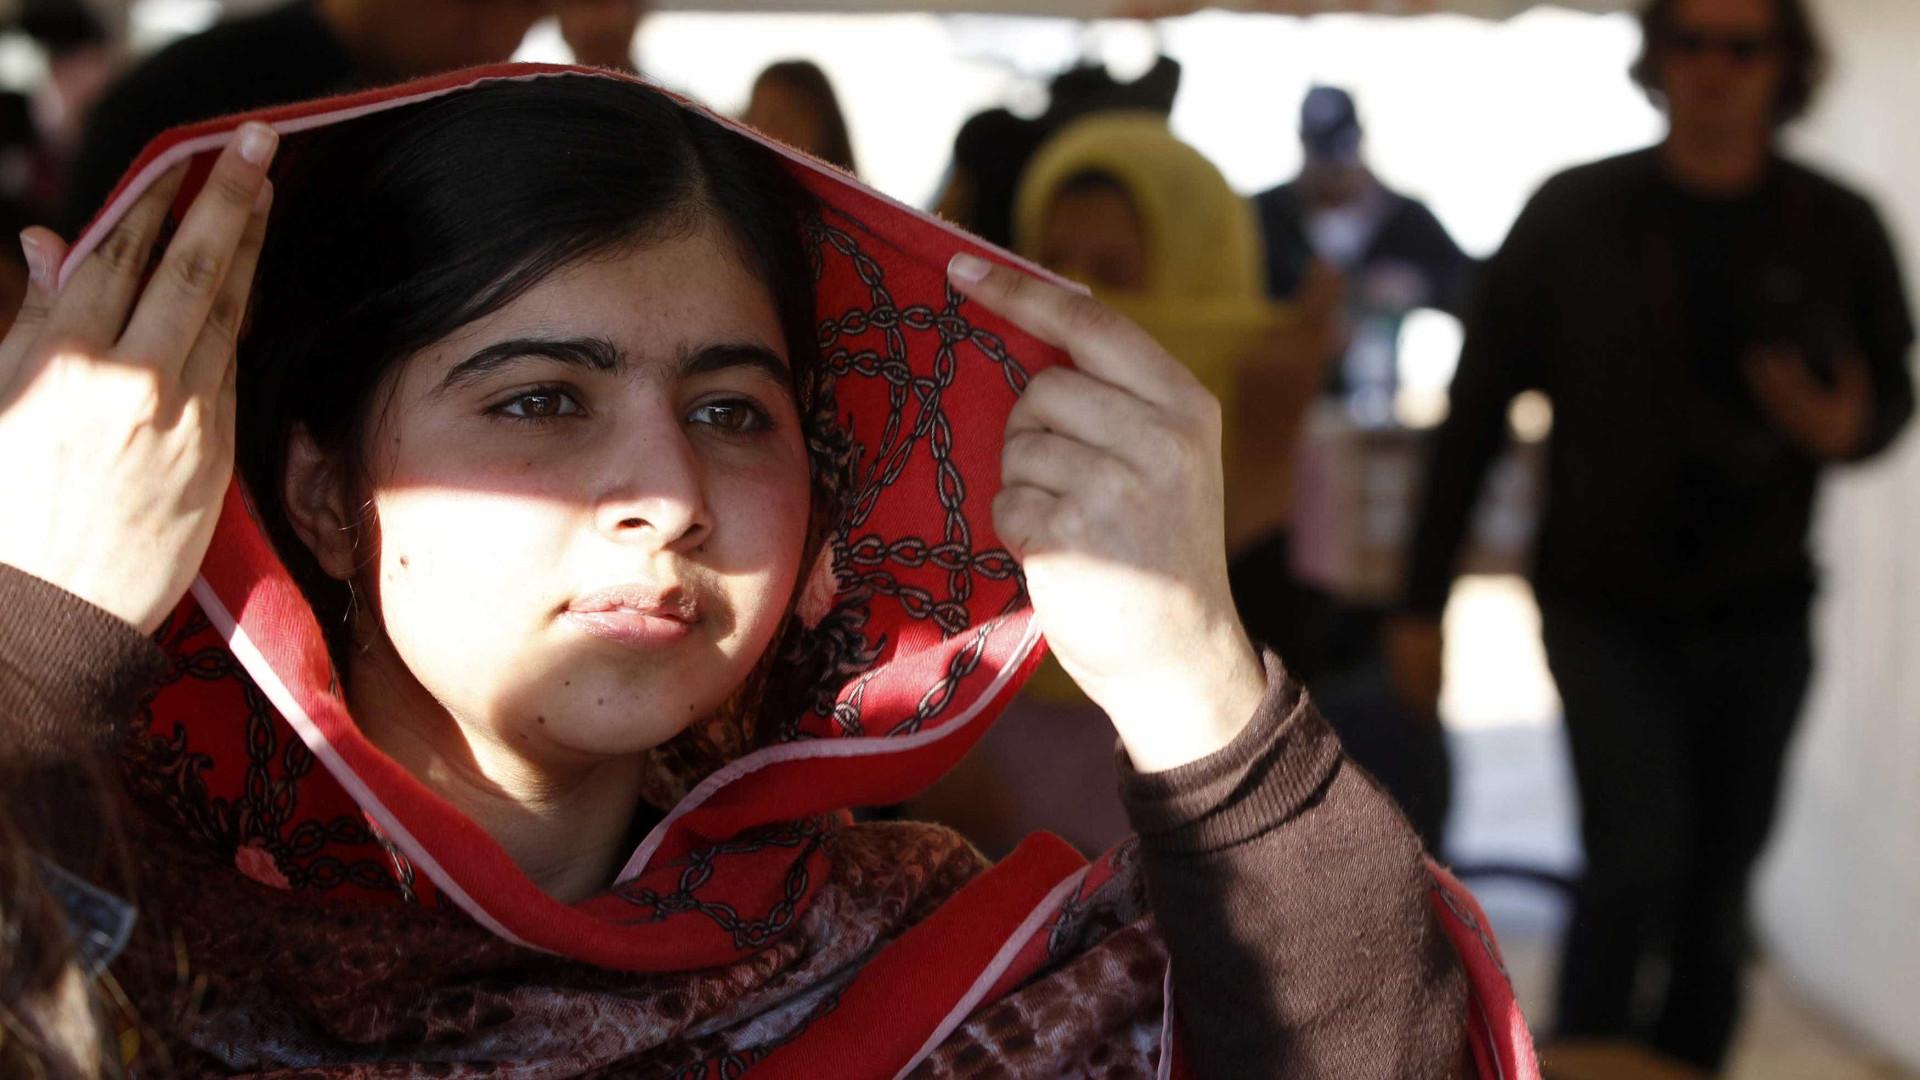 Fotografia de Malala de calças de ganga e saltos altos gera debate online